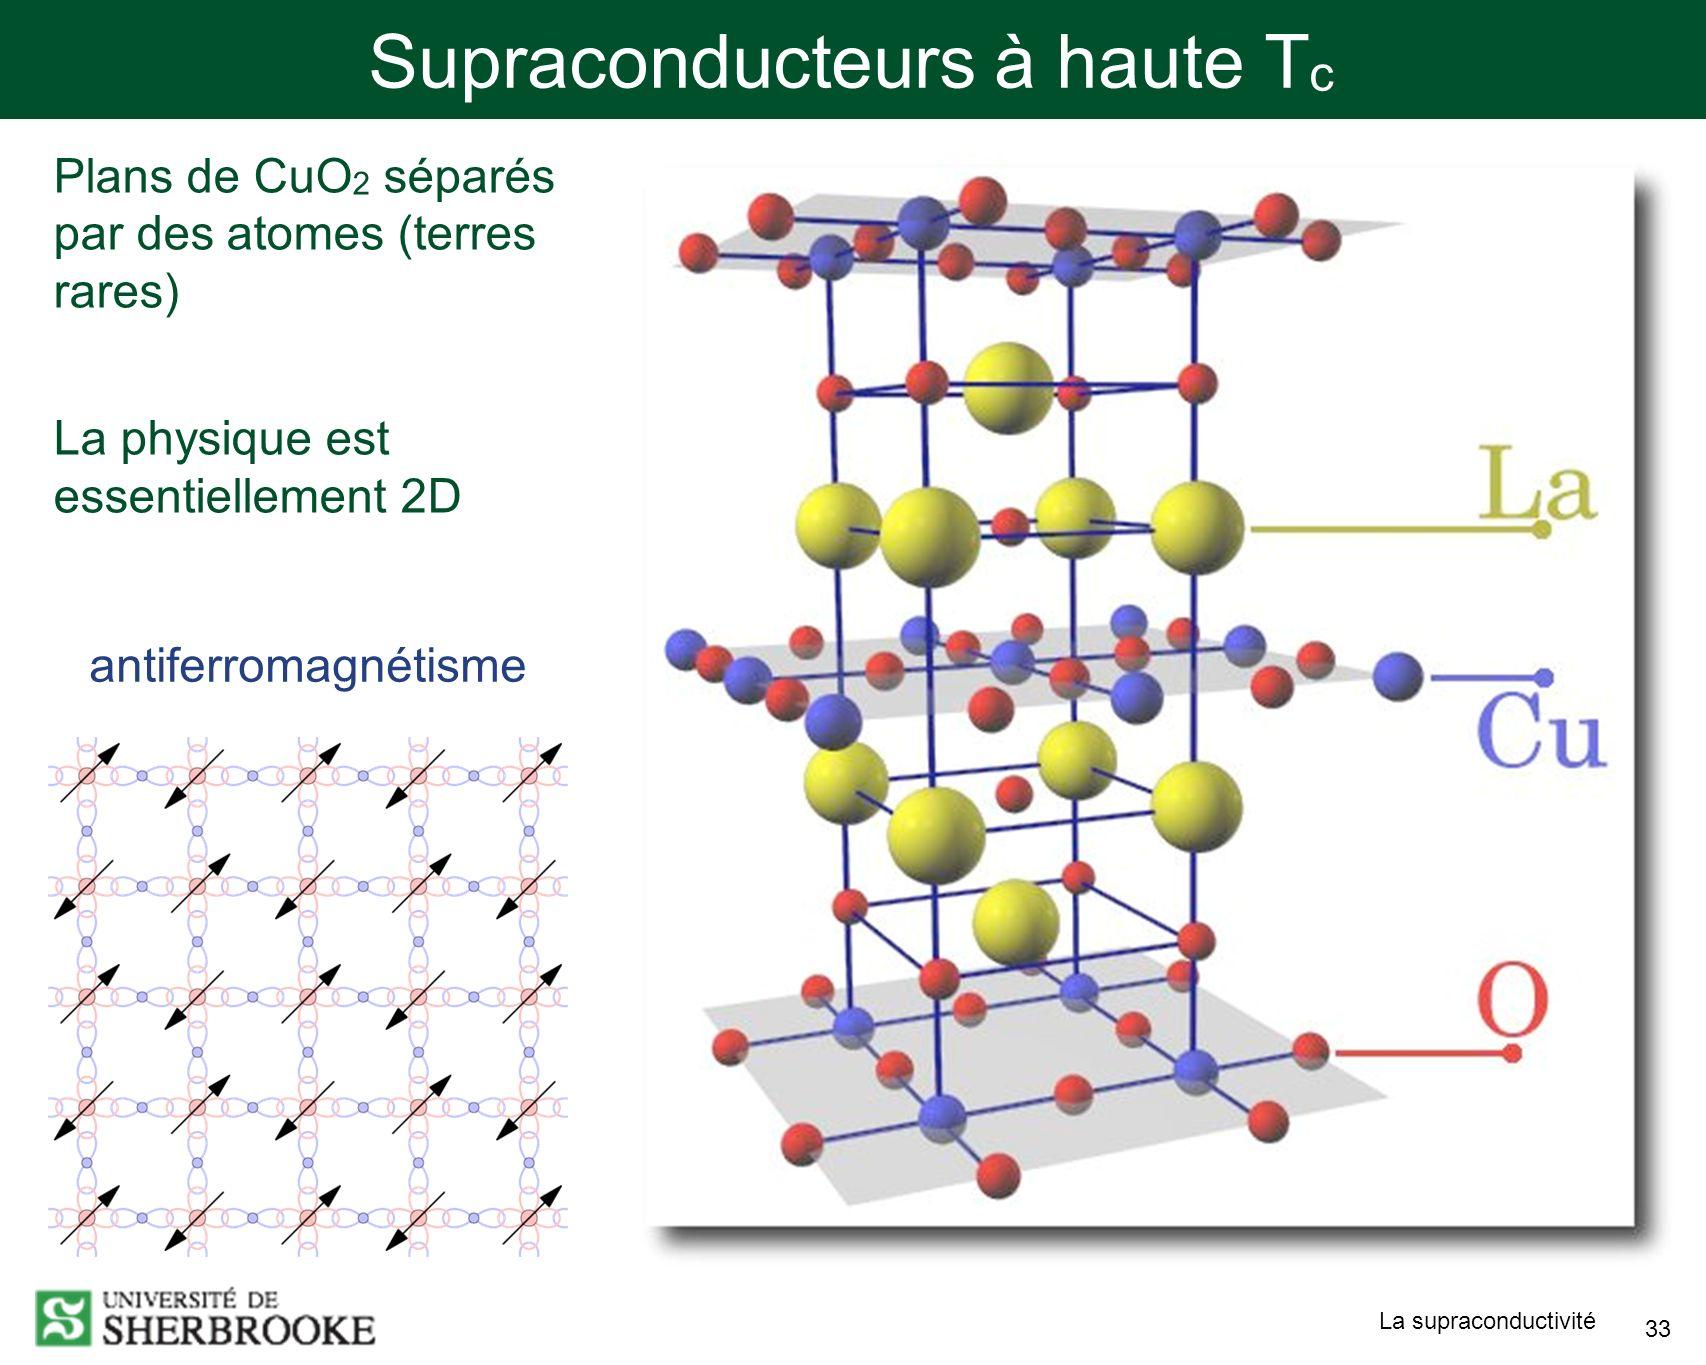 La supraconductivité 33 Supraconducteurs à haute T c Plans de CuO 2 séparés par des atomes (terres rares) La physique est essentiellement 2D antiferro